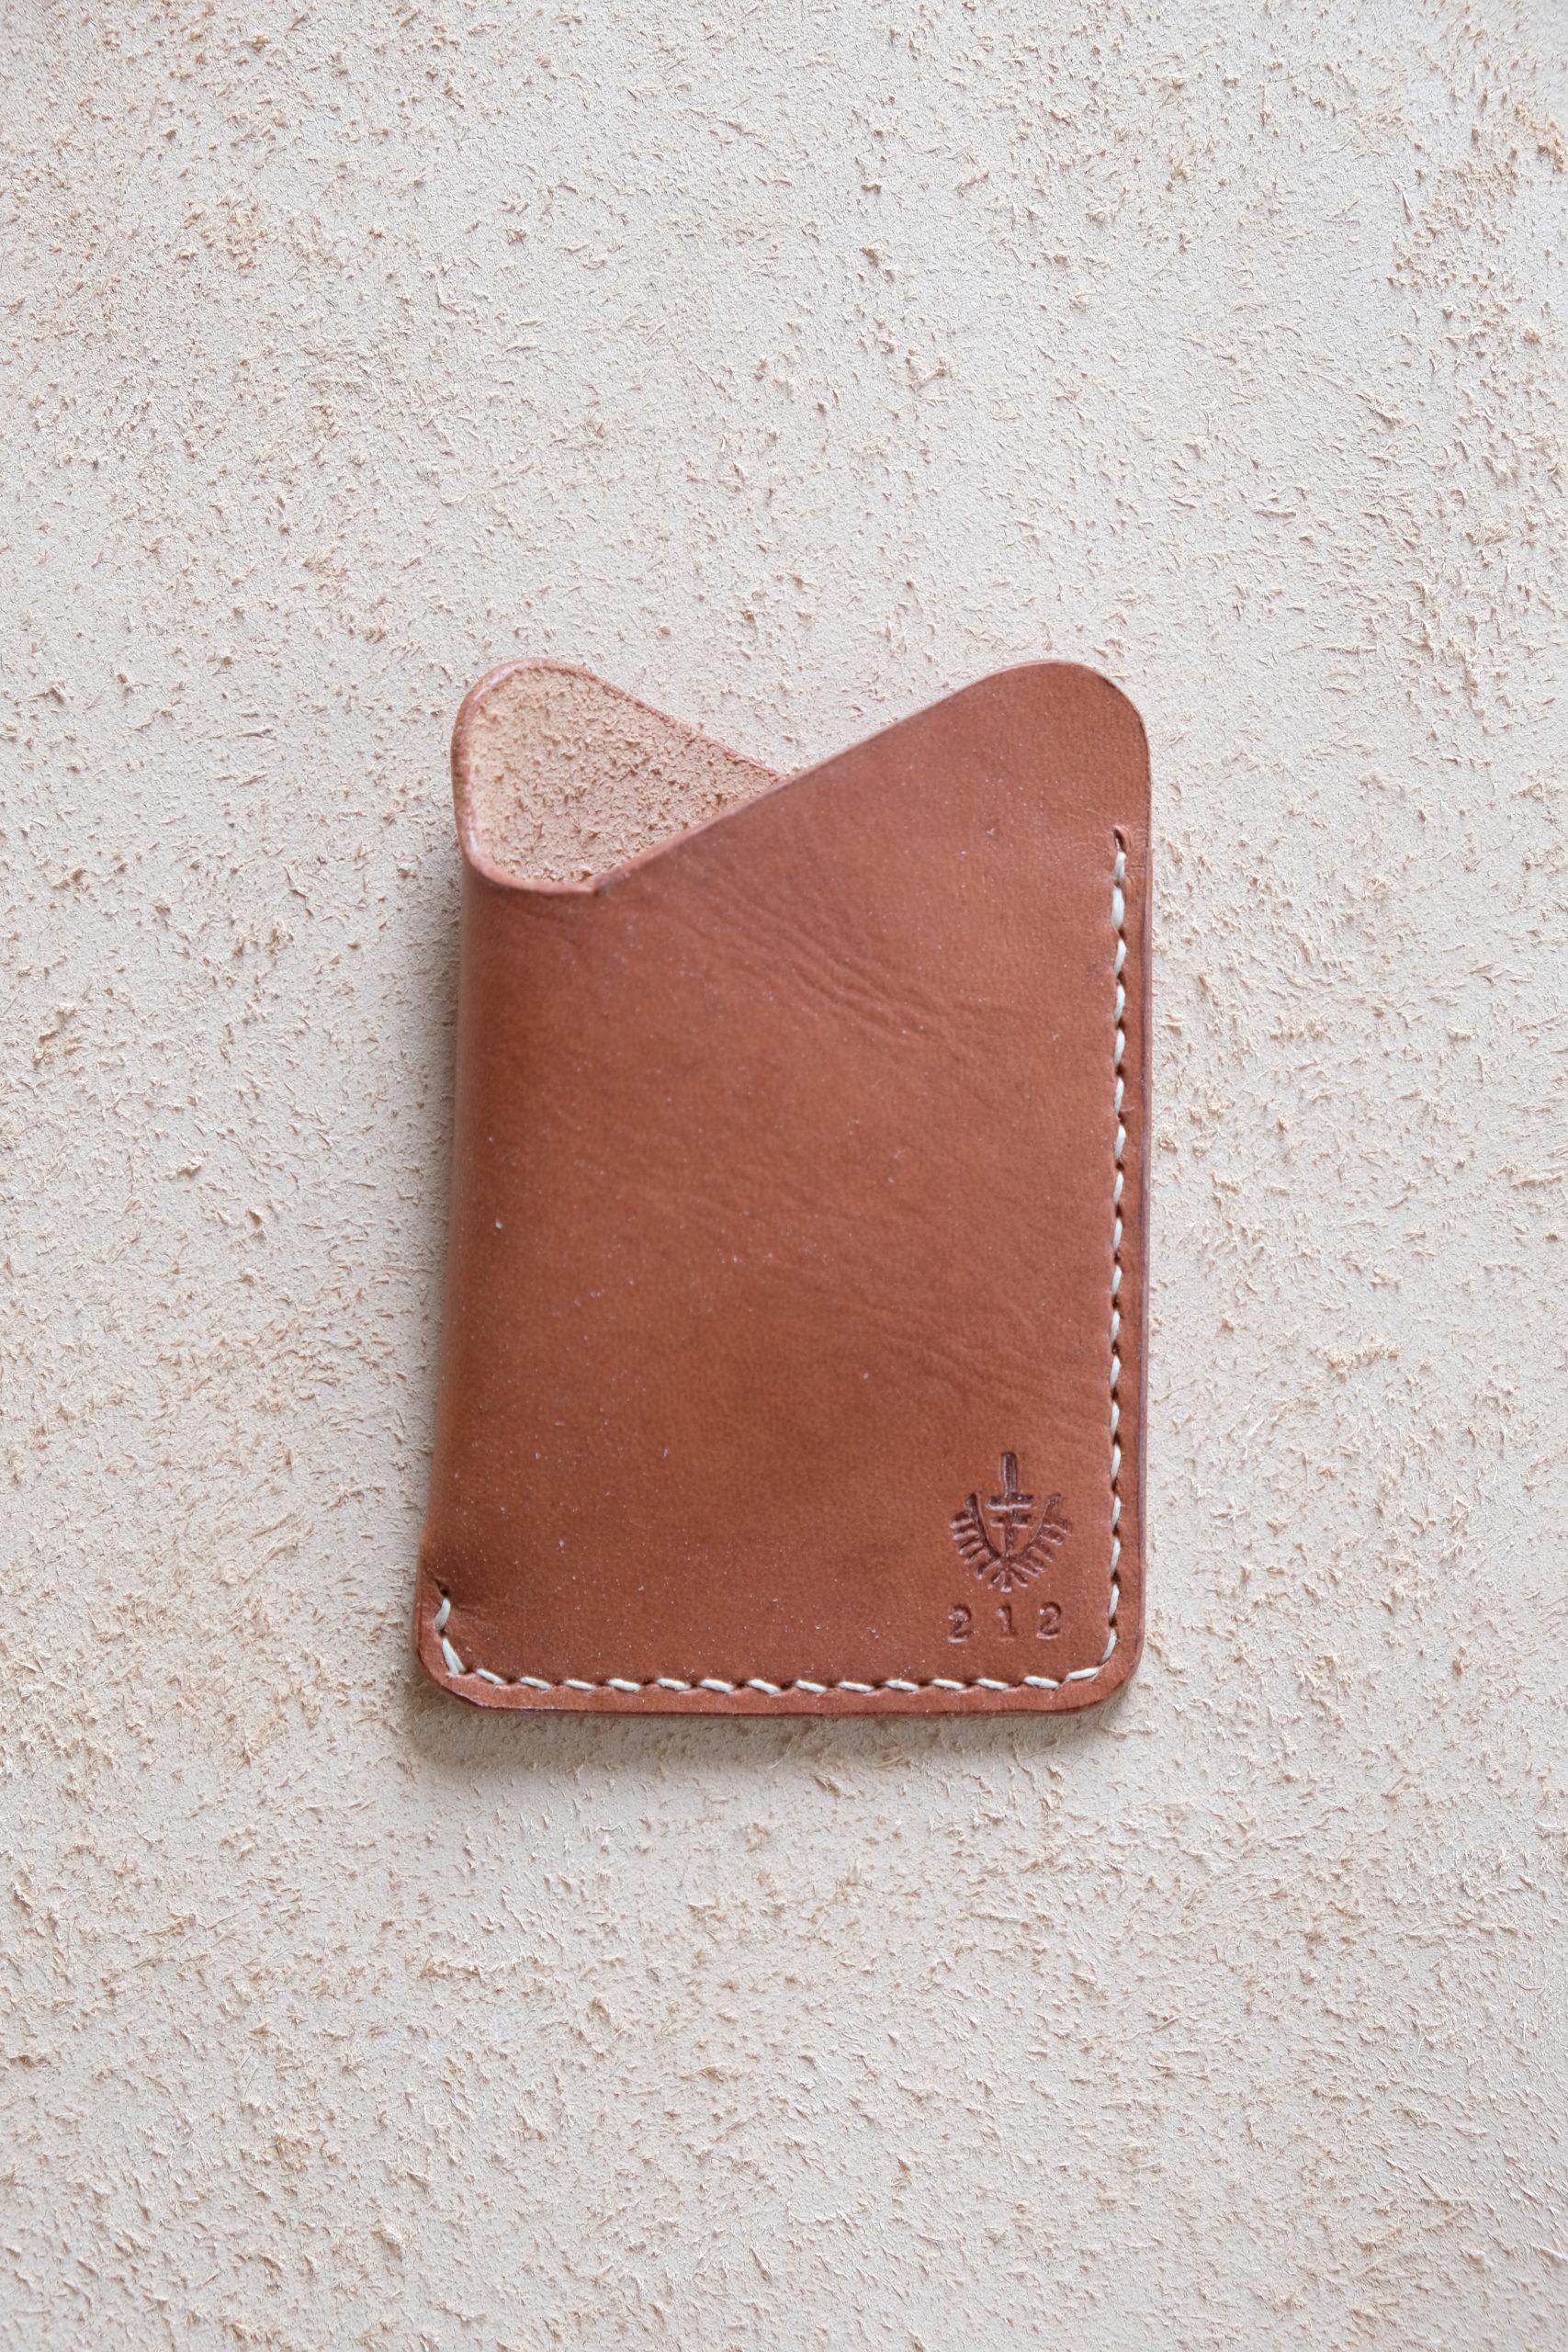 lerif designs leather wave cardholder burgundy on beige background